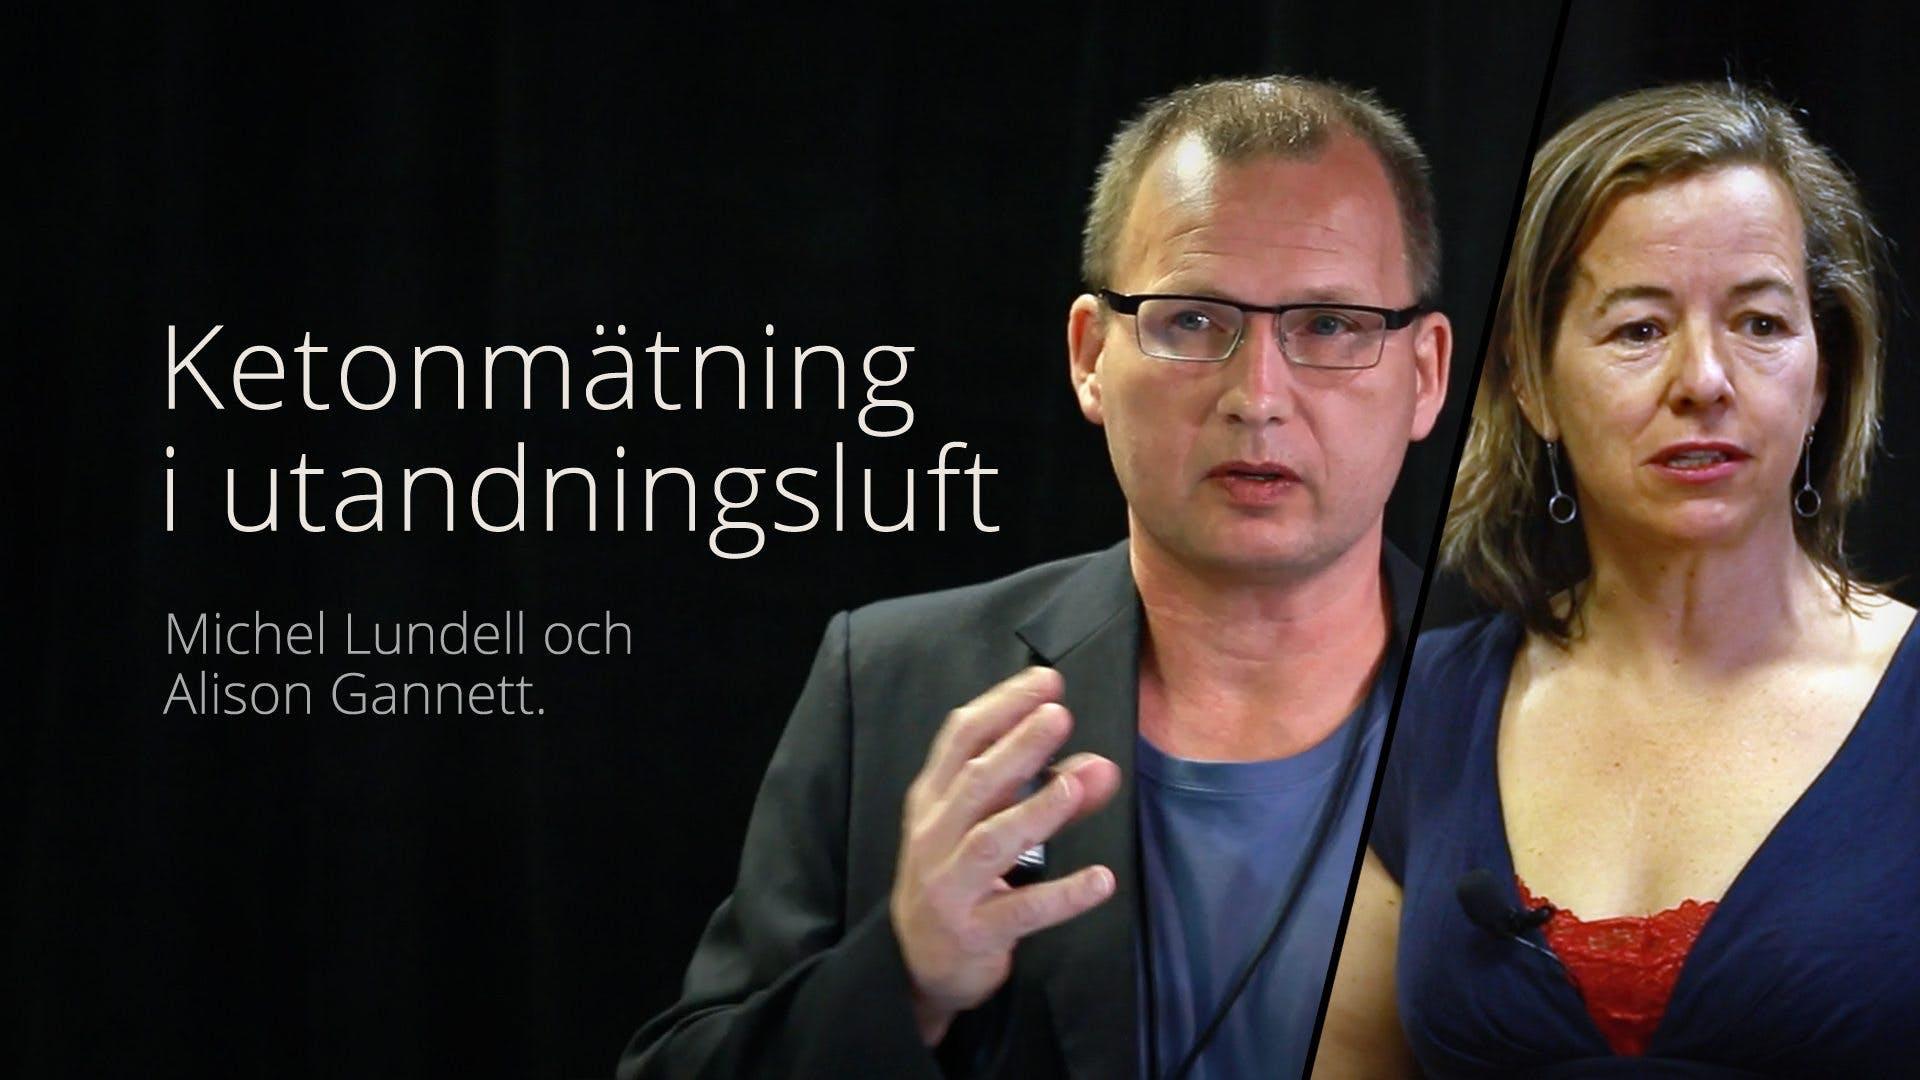 Ketonmätning i utandningsluft – föreläsning med Michel Lundell och Alison Gannett